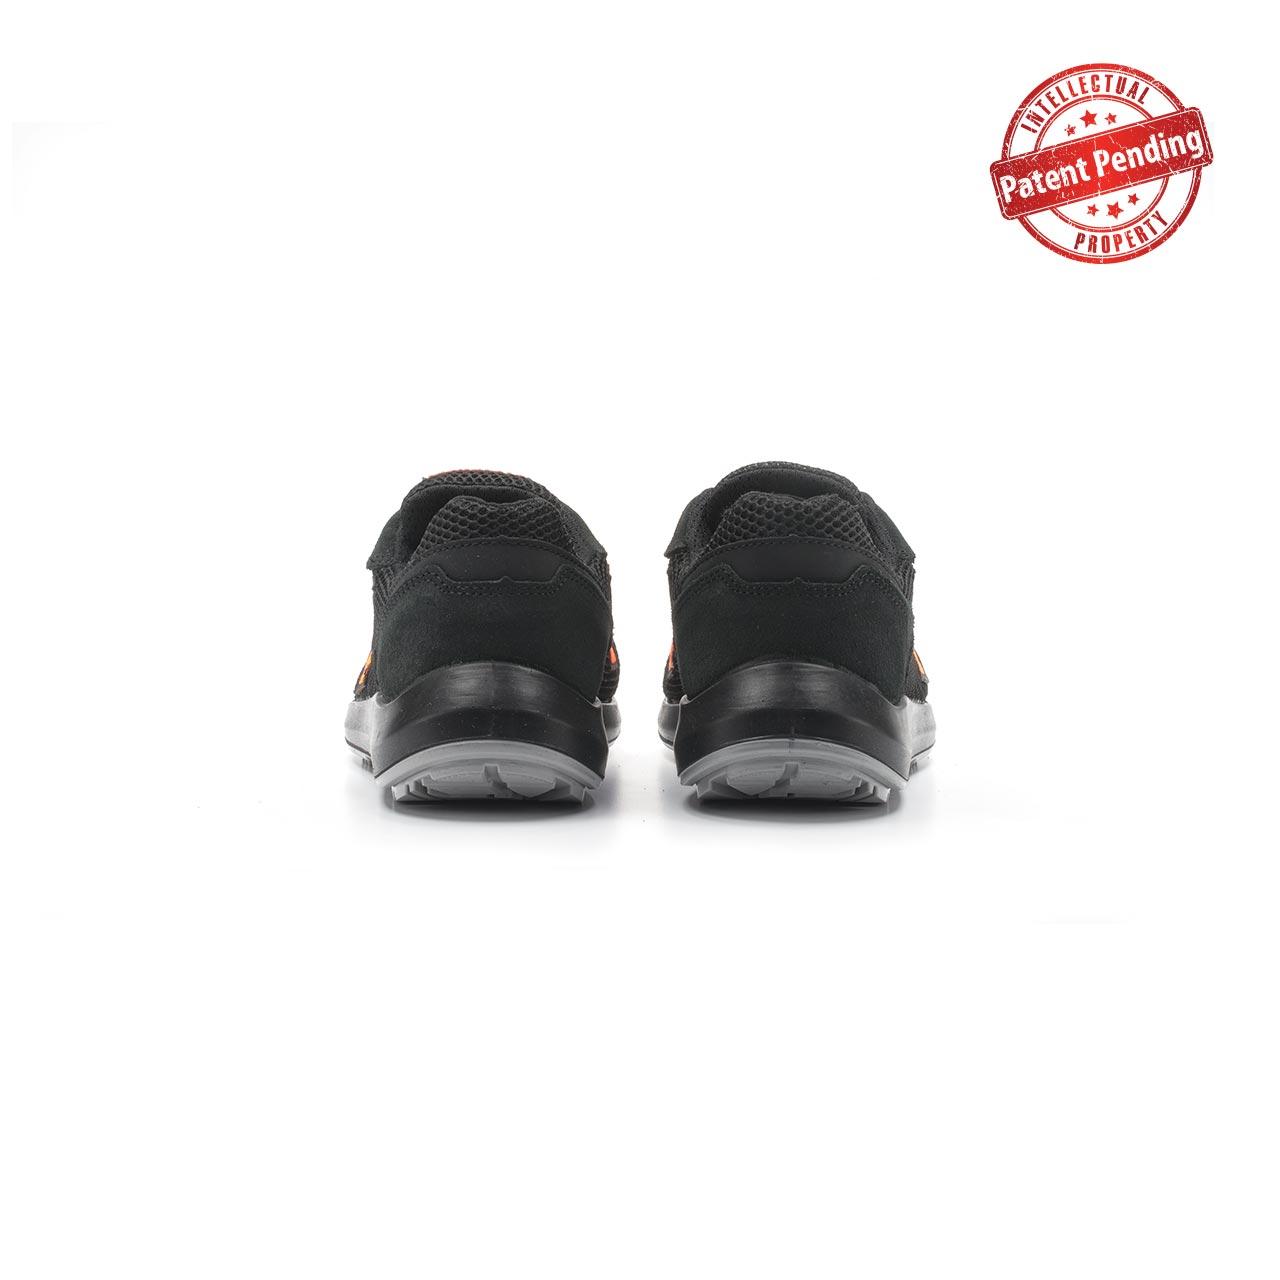 paio di scarpe antinfortunistiche upower modello atos linea redup vista retro